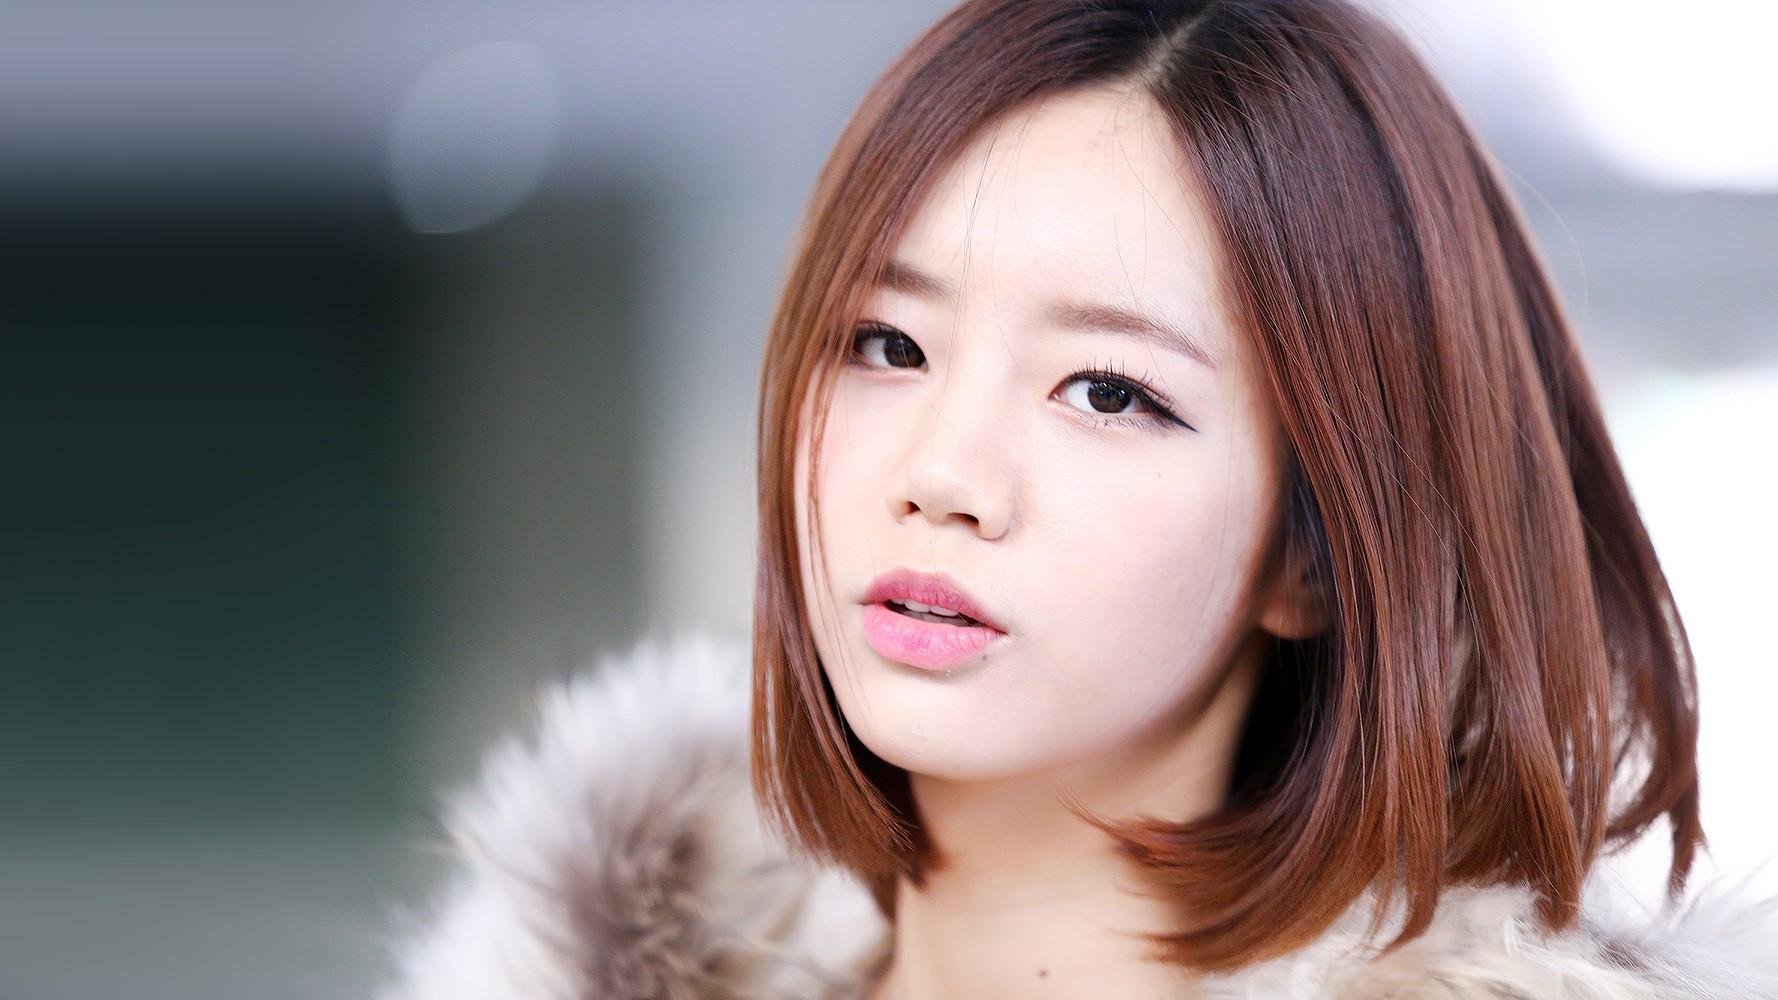 Wallpaper Face Women Model Nose Rings Long Hair: Wallpaper : Face, Women, Model, Long Hair, Brunette, Asian